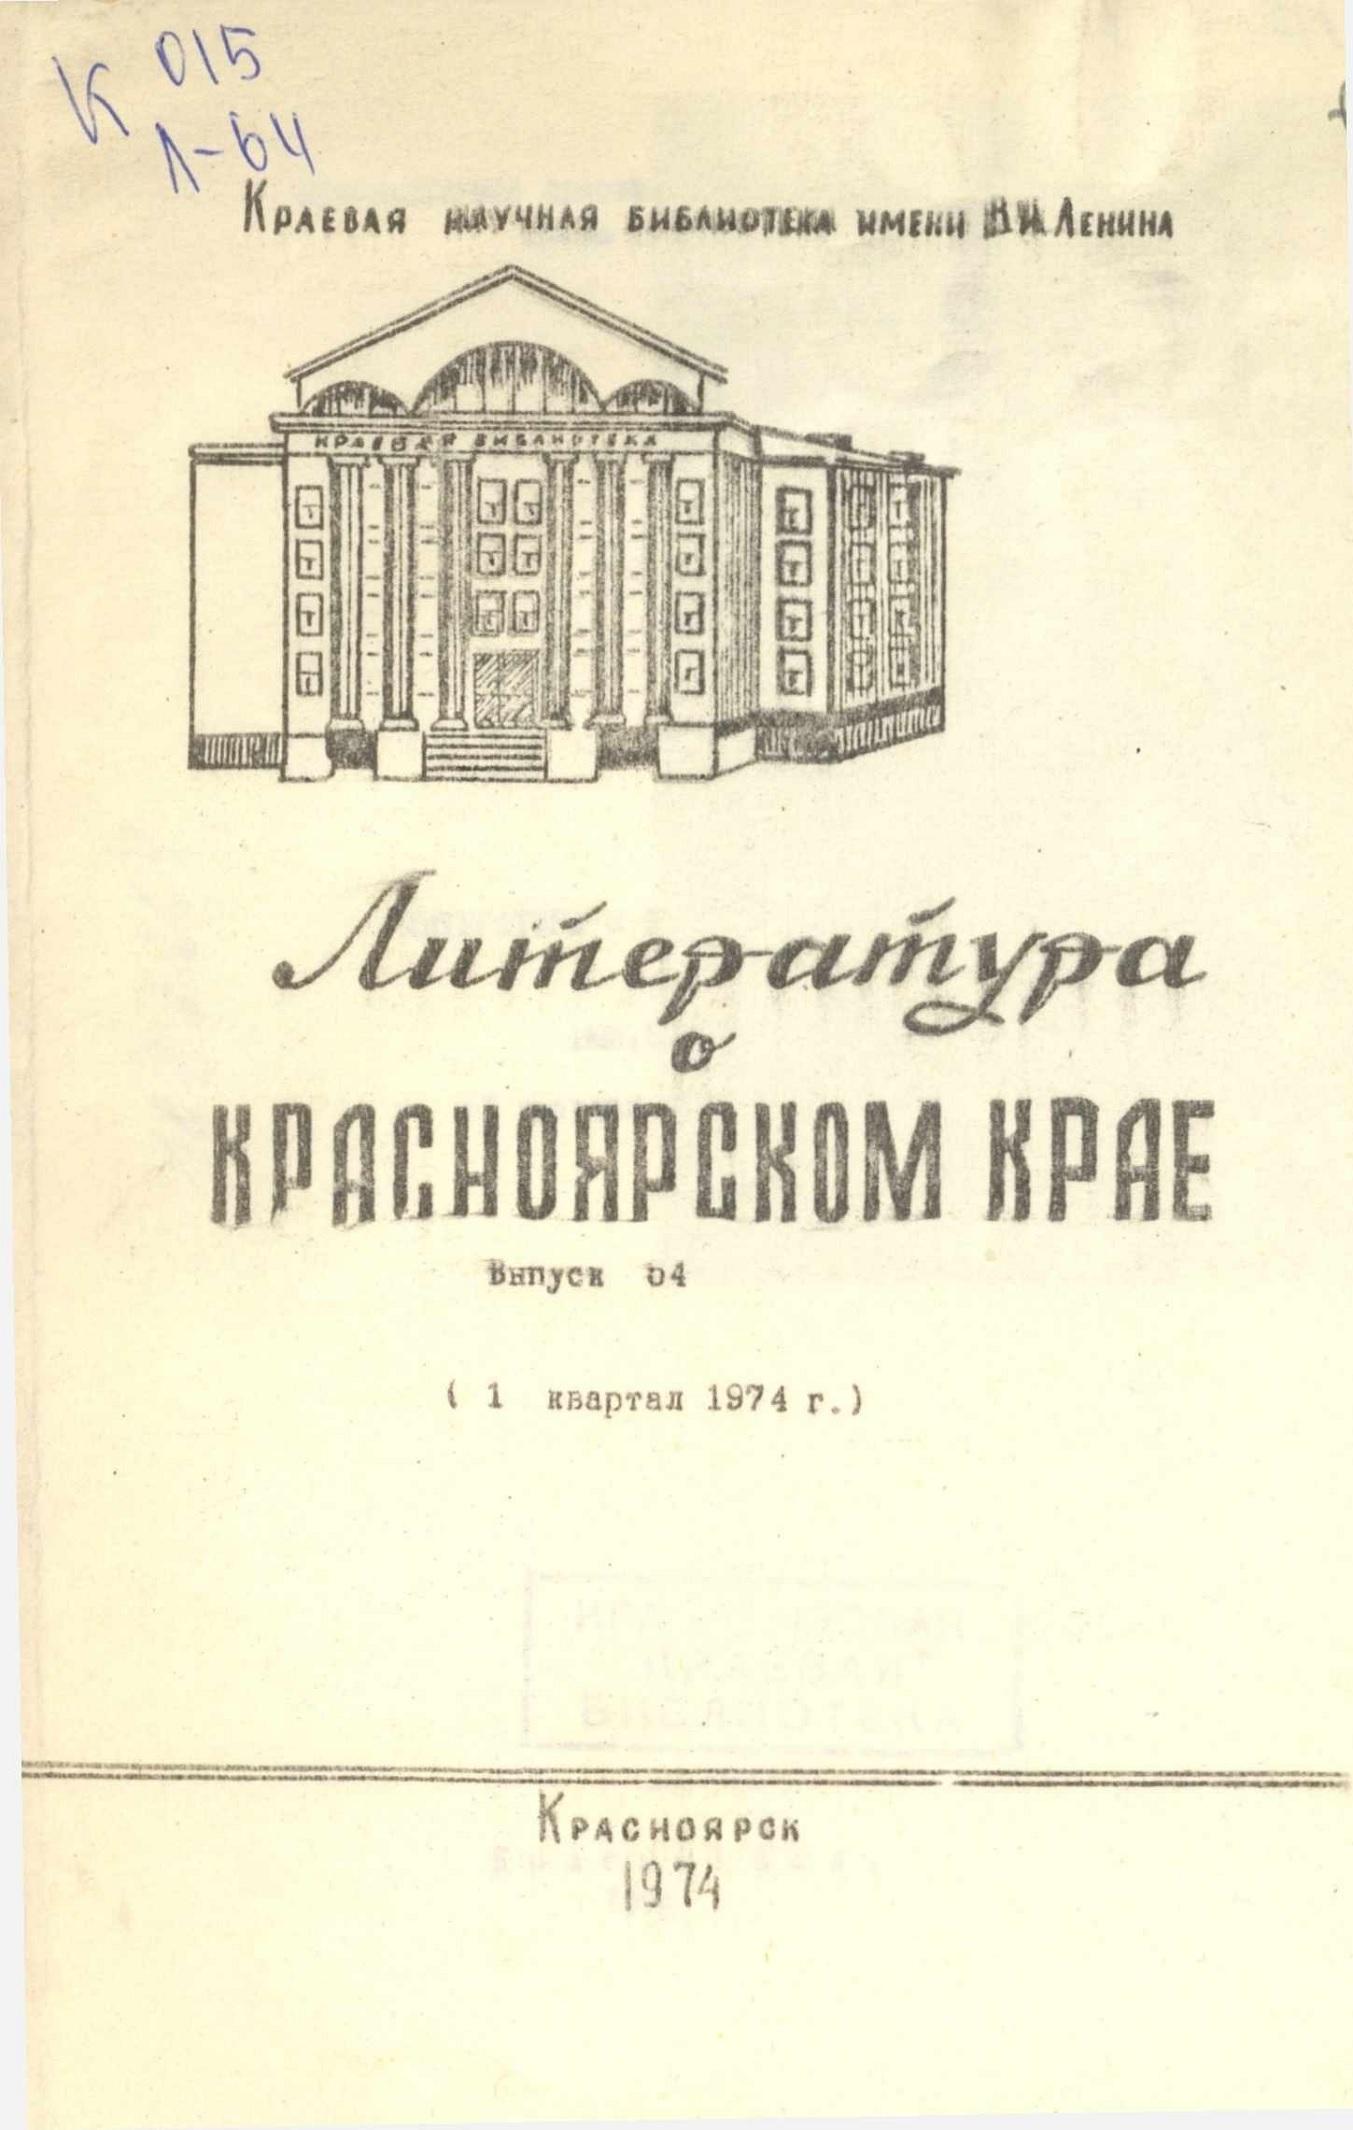 Член союза художников копыловский